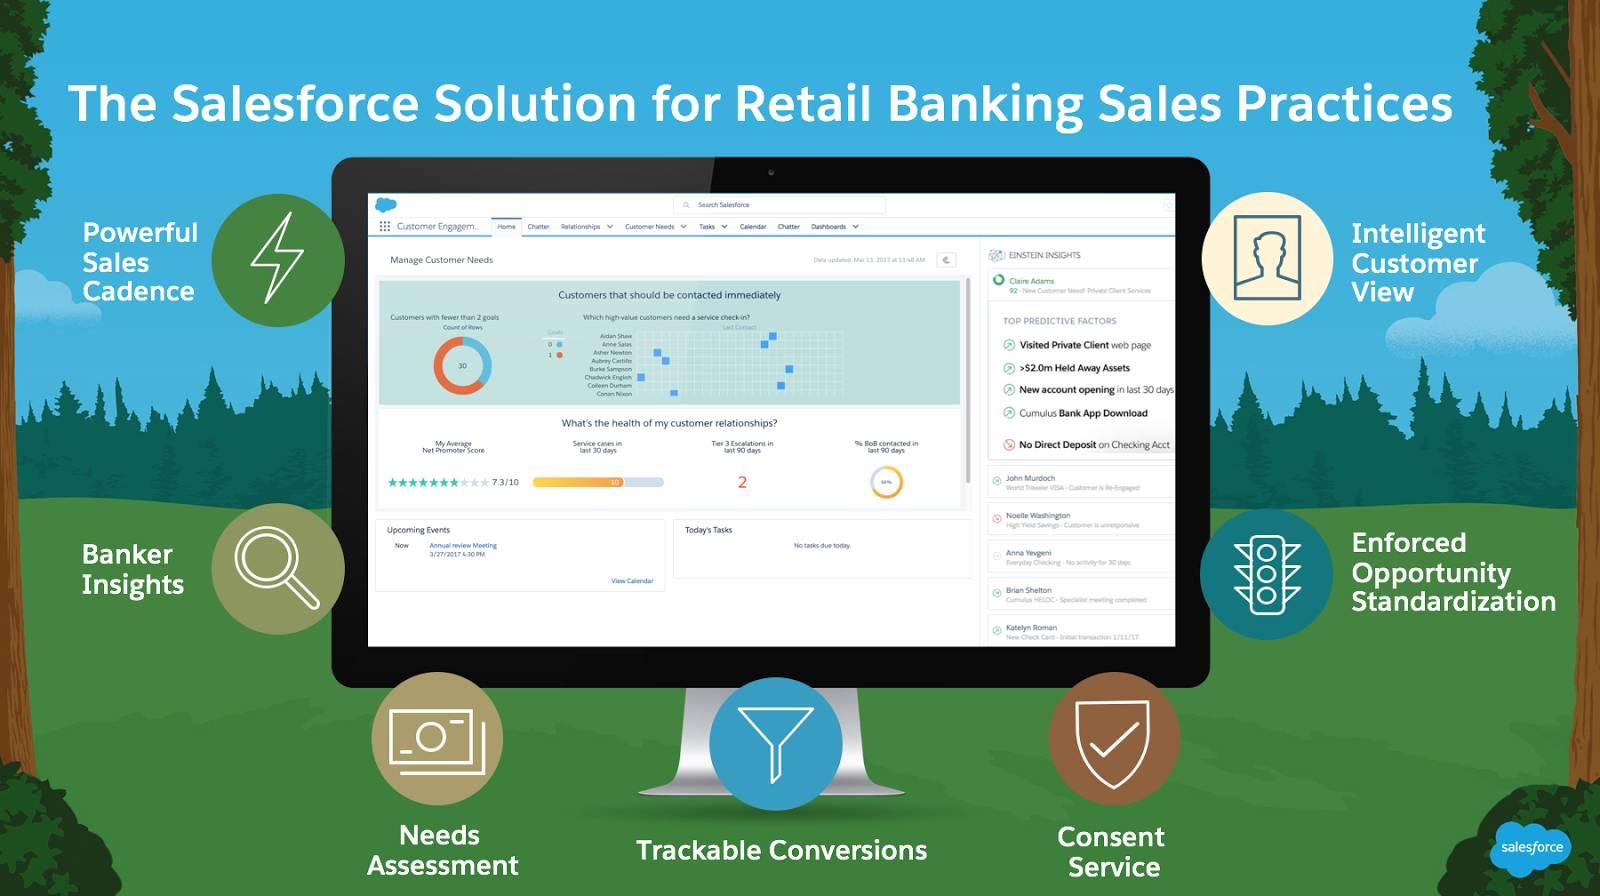 Salesforce Platform の画像。その周りにはセールスシーケンス、リアルタイムのインサイト、ニーズ評価、追跡可能な取引開始、同意サービス、商談標準化の適用、インテリジェントな顧客ビューを表すアイコンがあります。